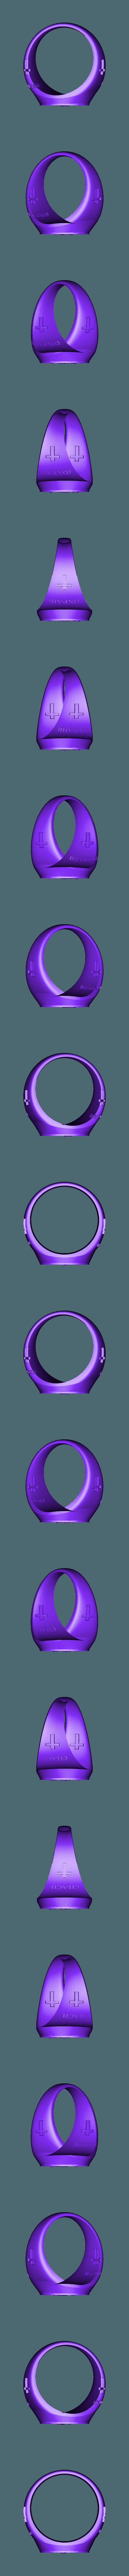 89.stl Télécharger fichier STL gratuit ring jesus cross religious • Design à imprimer en 3D, 3DPrinterFiles